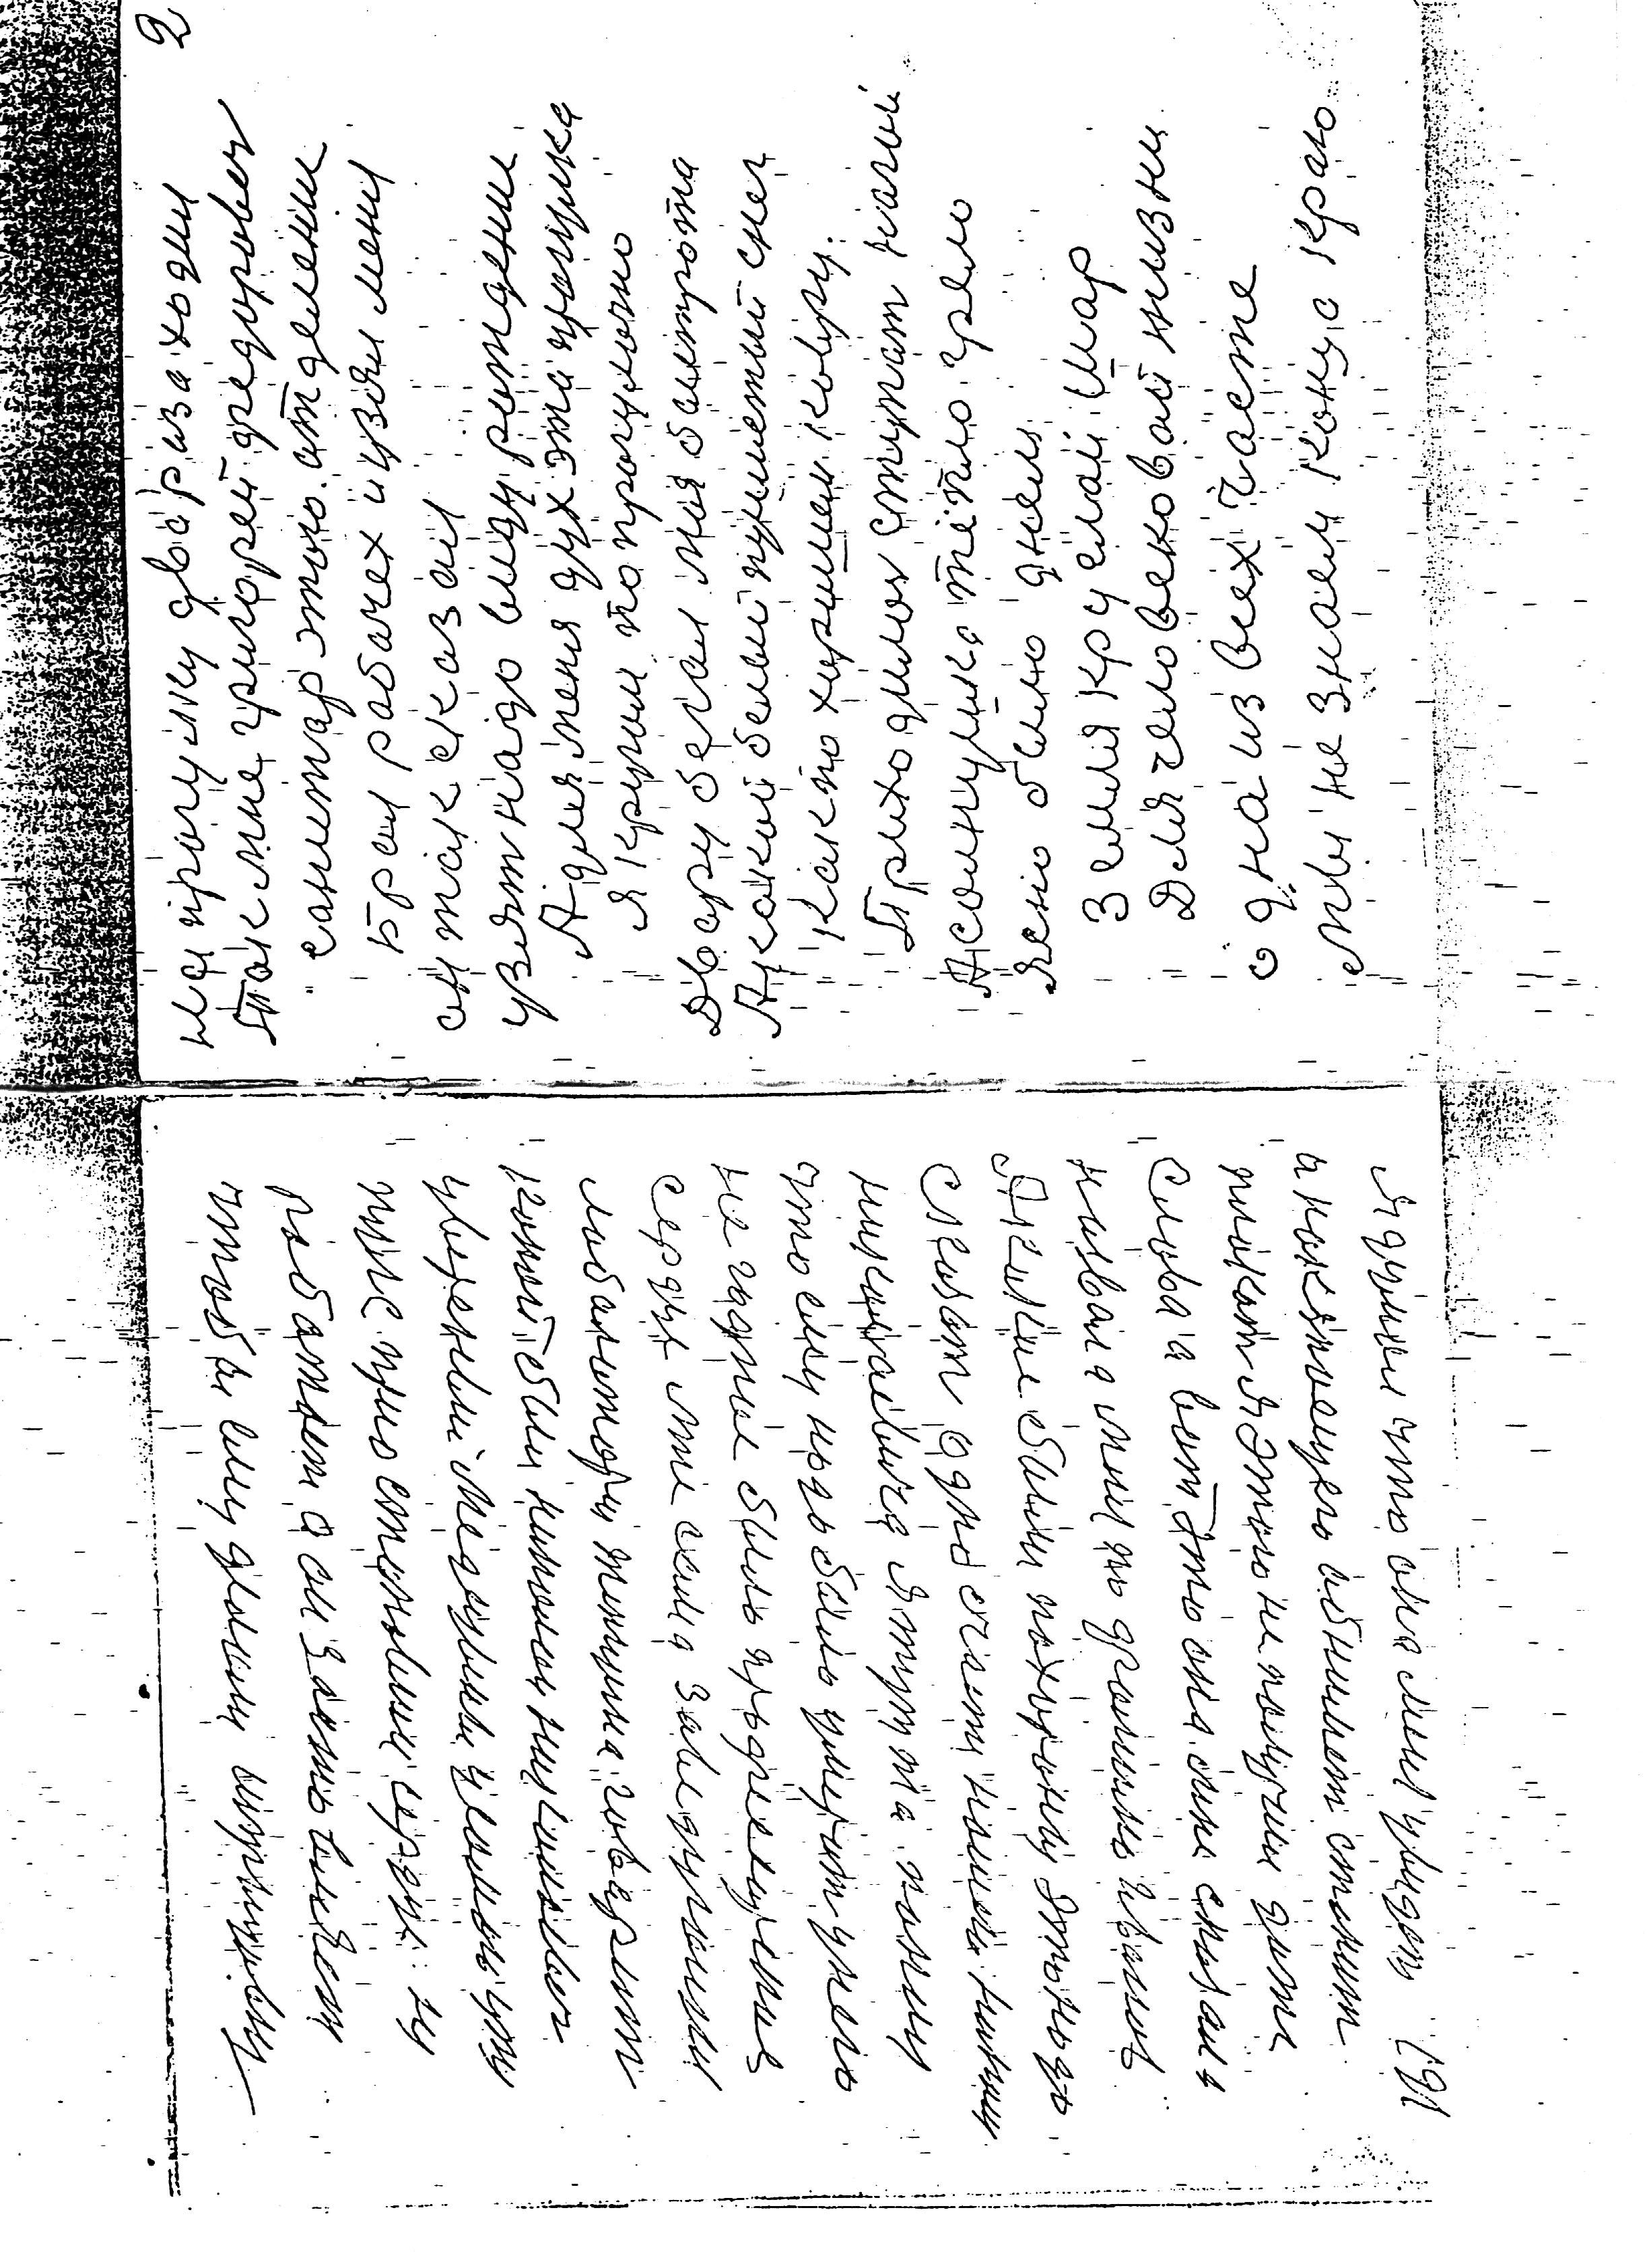 02-191.jpg